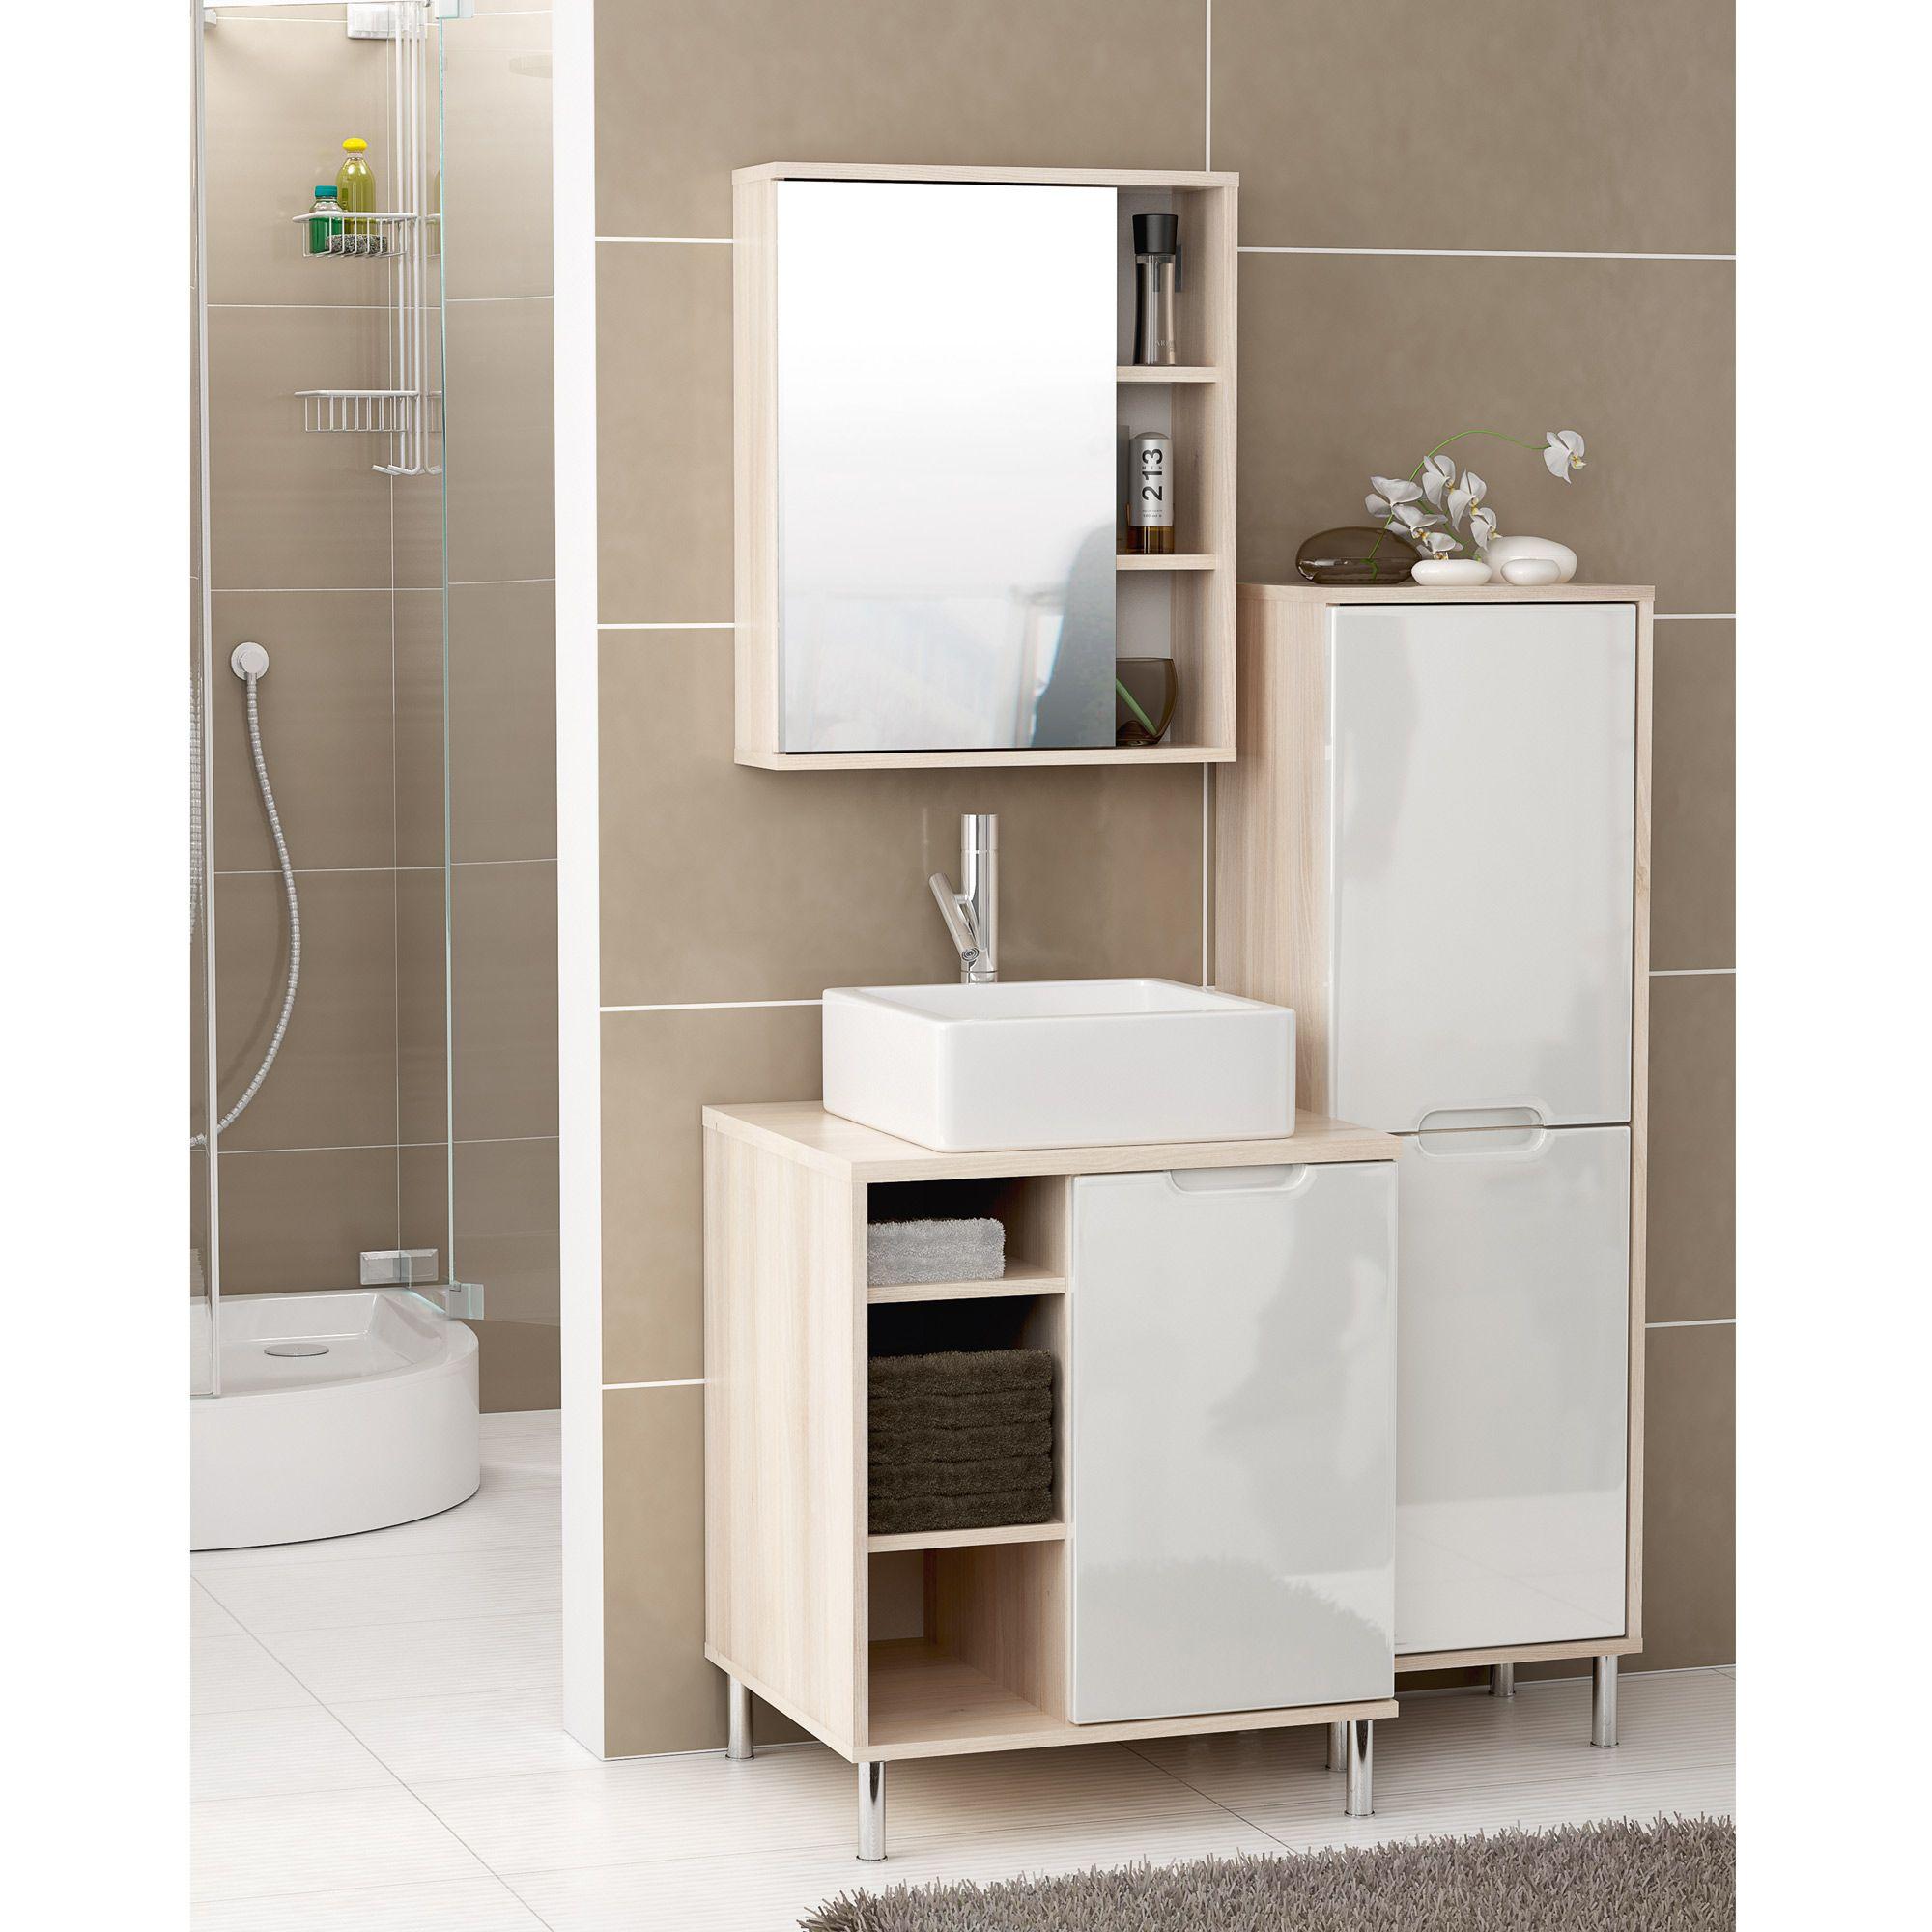 Meuble Haut Salle De Bain Avec Miroir meuble sous vasque + meuble haut avec miroir rosas | | salle